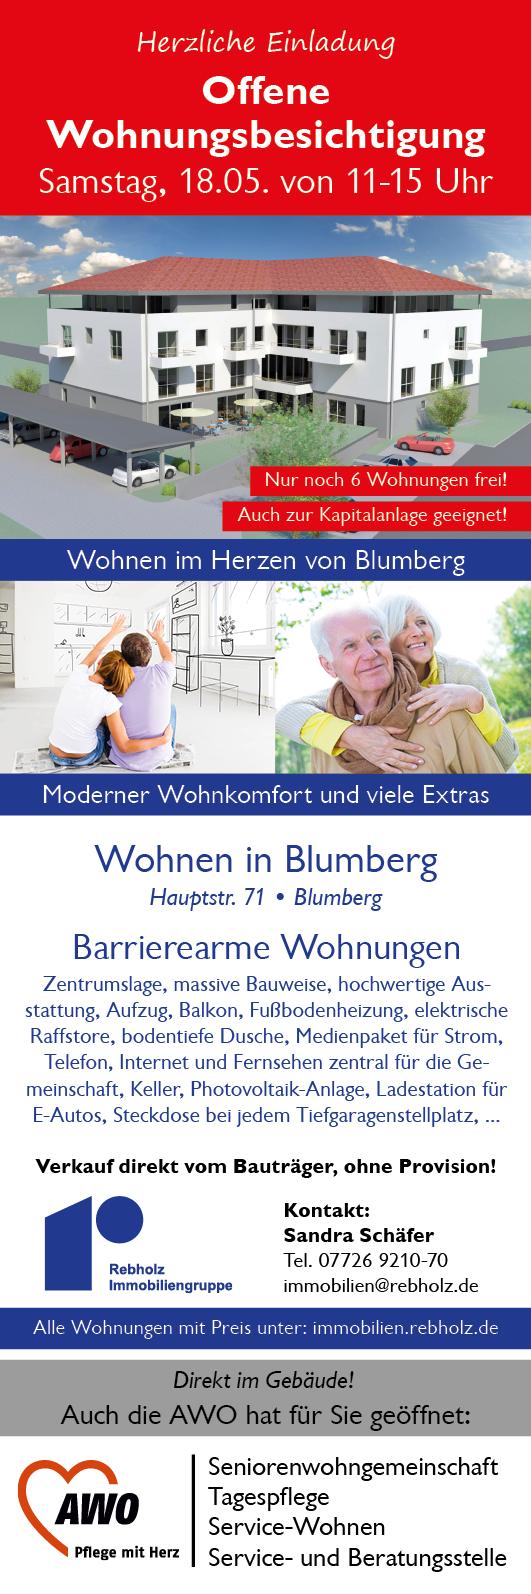 Offene Wohnungsbesichtigung, Sa. 18.05.2019, Blumberg, Hauptstr. 71